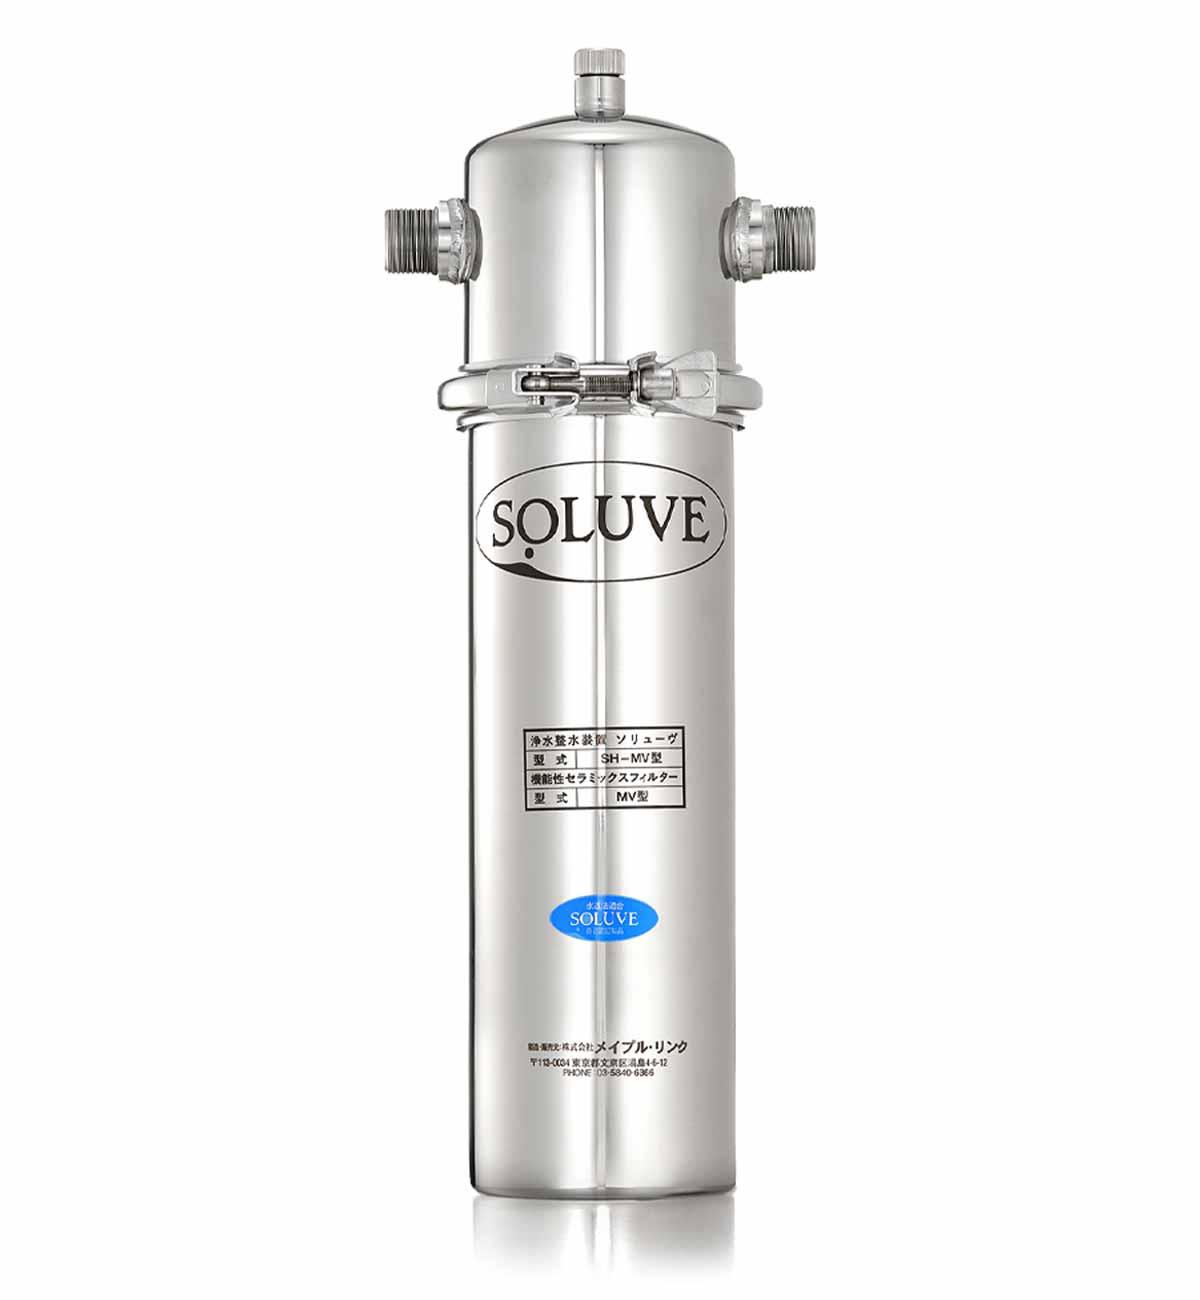 「セントラル浄水器『ソリューヴ』の宣材写真」画像